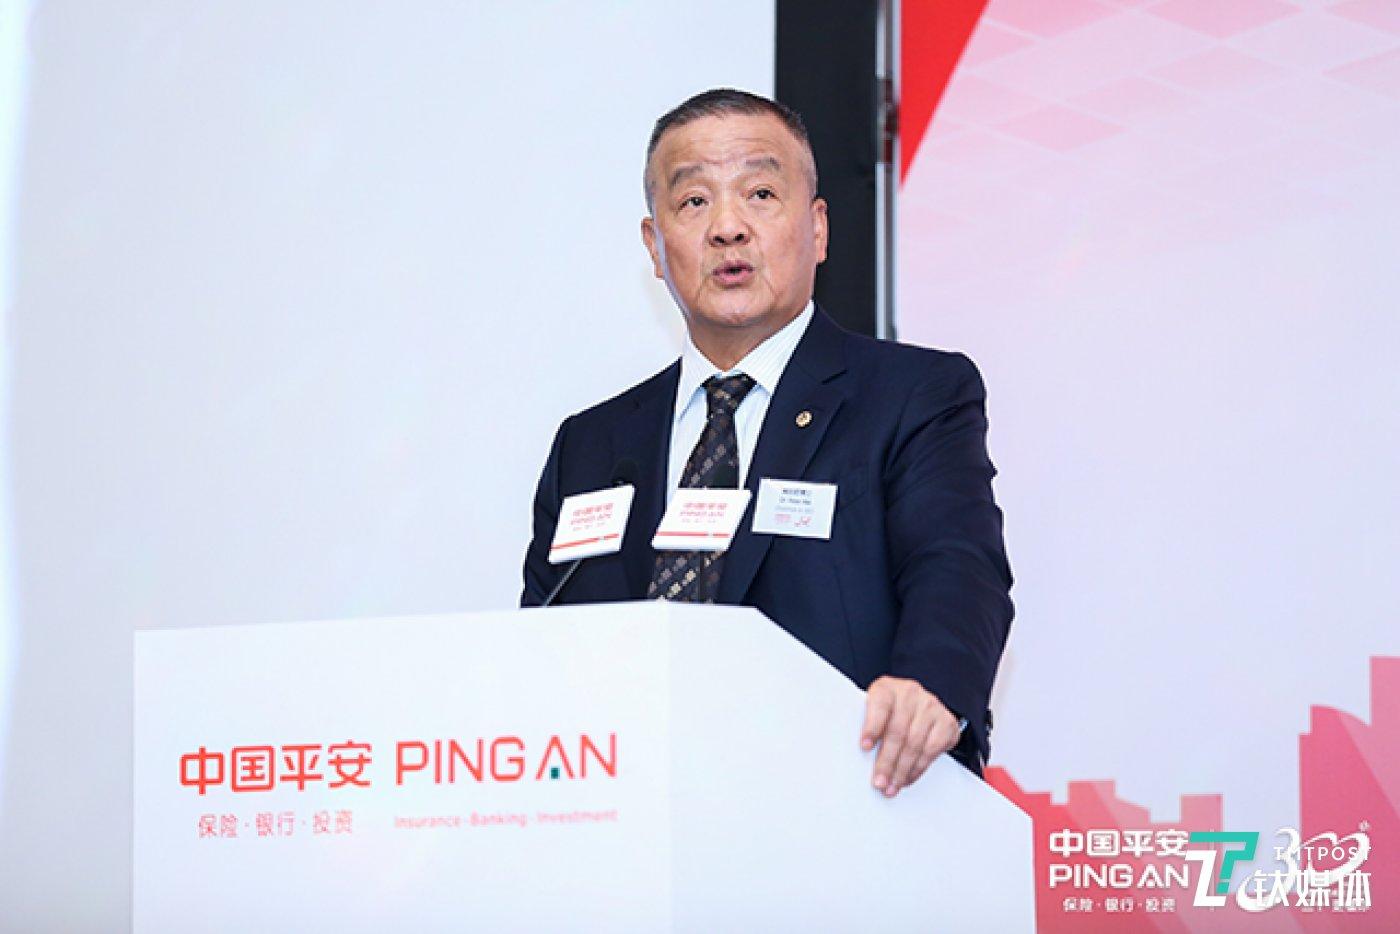 中国平安董事长兼首席执行官  马明哲